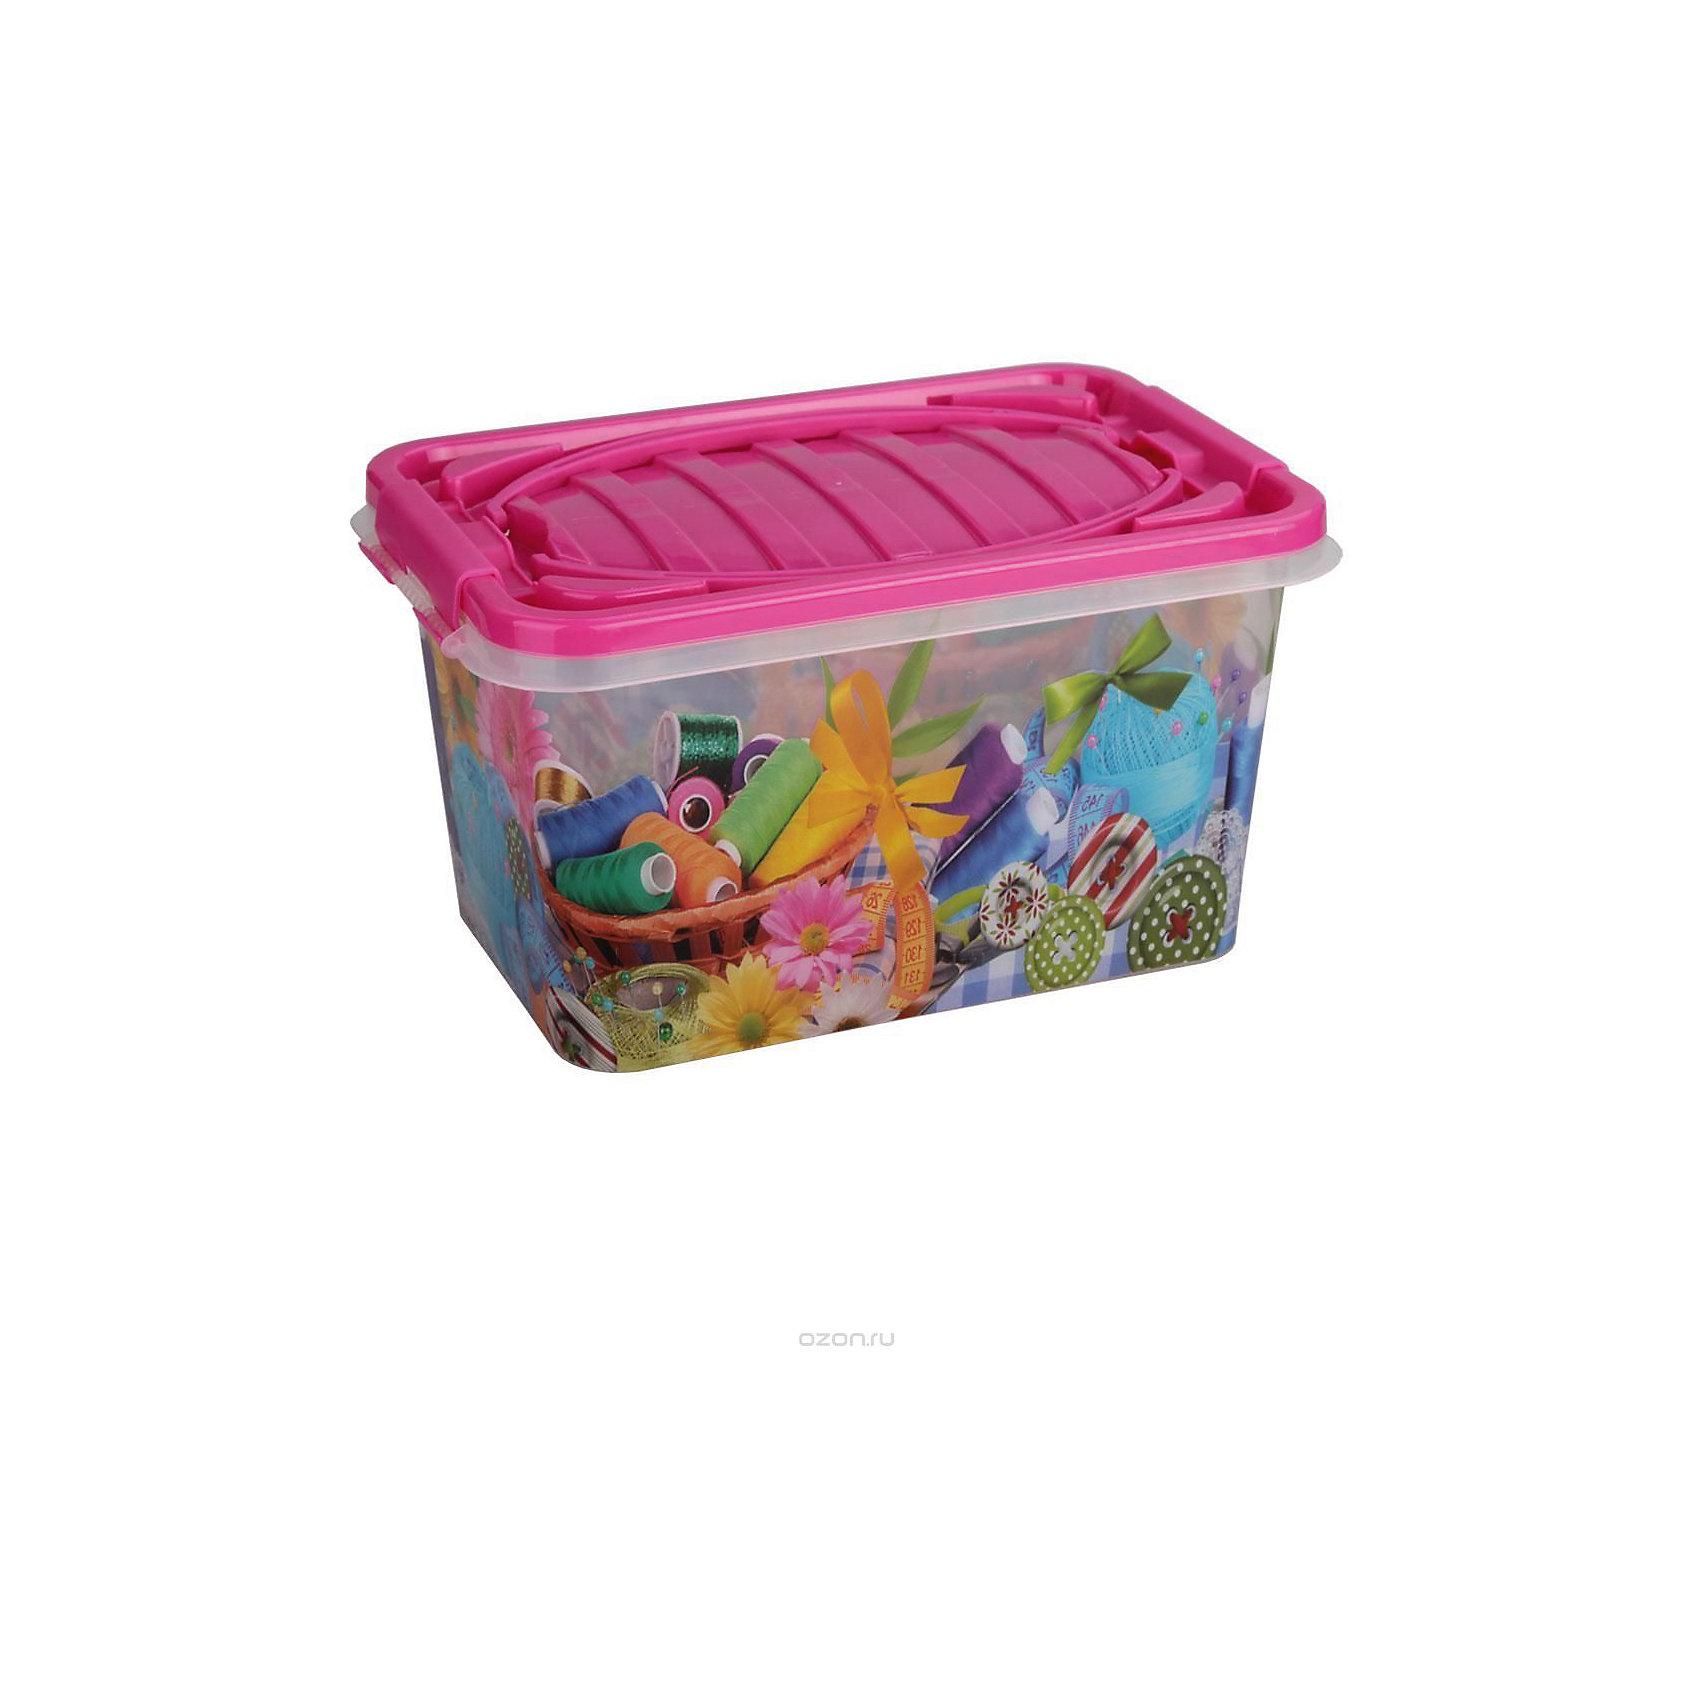 Контейнер Рукодельница прямоугольный 15л. ,  AlternativaПорядок в детской<br>Вместительный контейнер Рукодельница отлично подойдет для хранения игрушек, принадлежностей для шитья или безделушек. Контейнер надежно закрывается крышкой и декорирован рисунком.<br><br>Дополнительная информация:<br>Материал: пластик<br>Объем: 15л<br>Размер: 39х26,5х21 см<br><br>Контейнер Рукодельница можно купить в нашем интернет-магазине.<br><br>Ширина мм: 390<br>Глубина мм: 265<br>Высота мм: 210<br>Вес г: 686<br>Возраст от месяцев: 36<br>Возраст до месяцев: 144<br>Пол: Унисекс<br>Возраст: Детский<br>SKU: 4979720